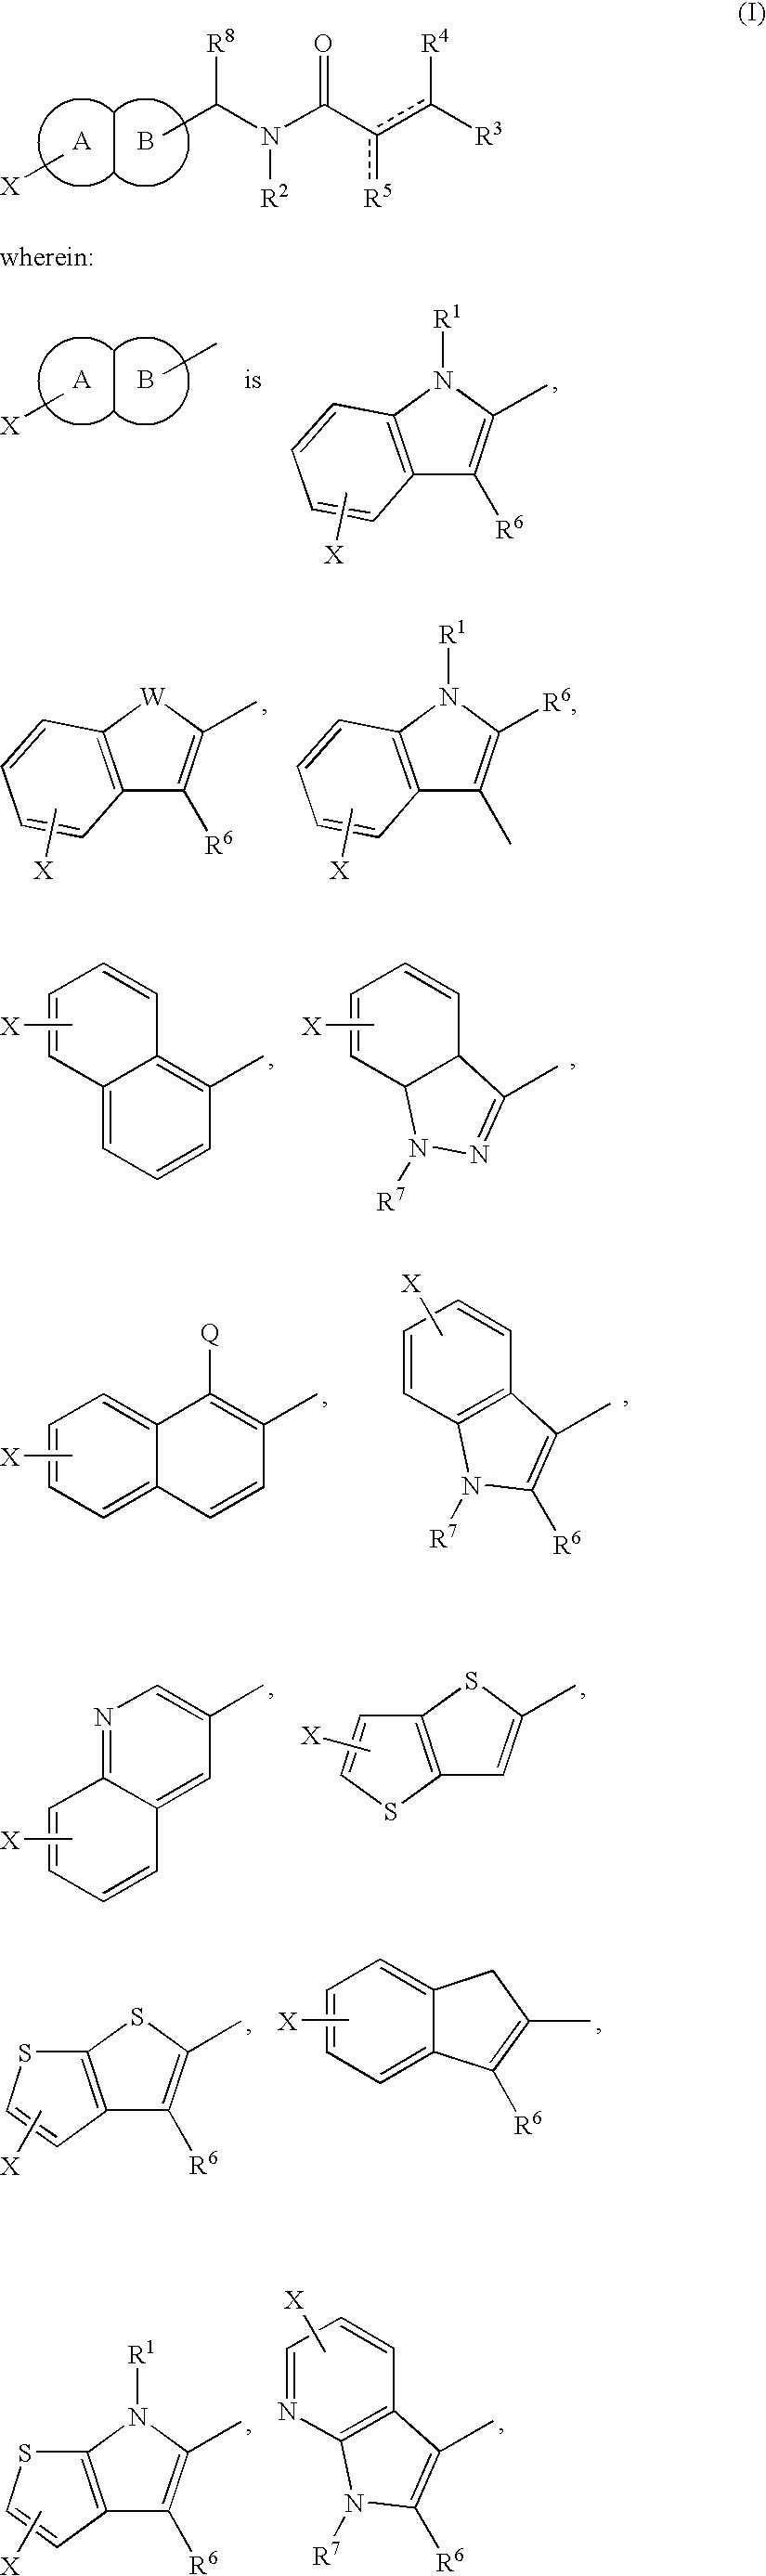 Figure US07741339-20100622-C00001